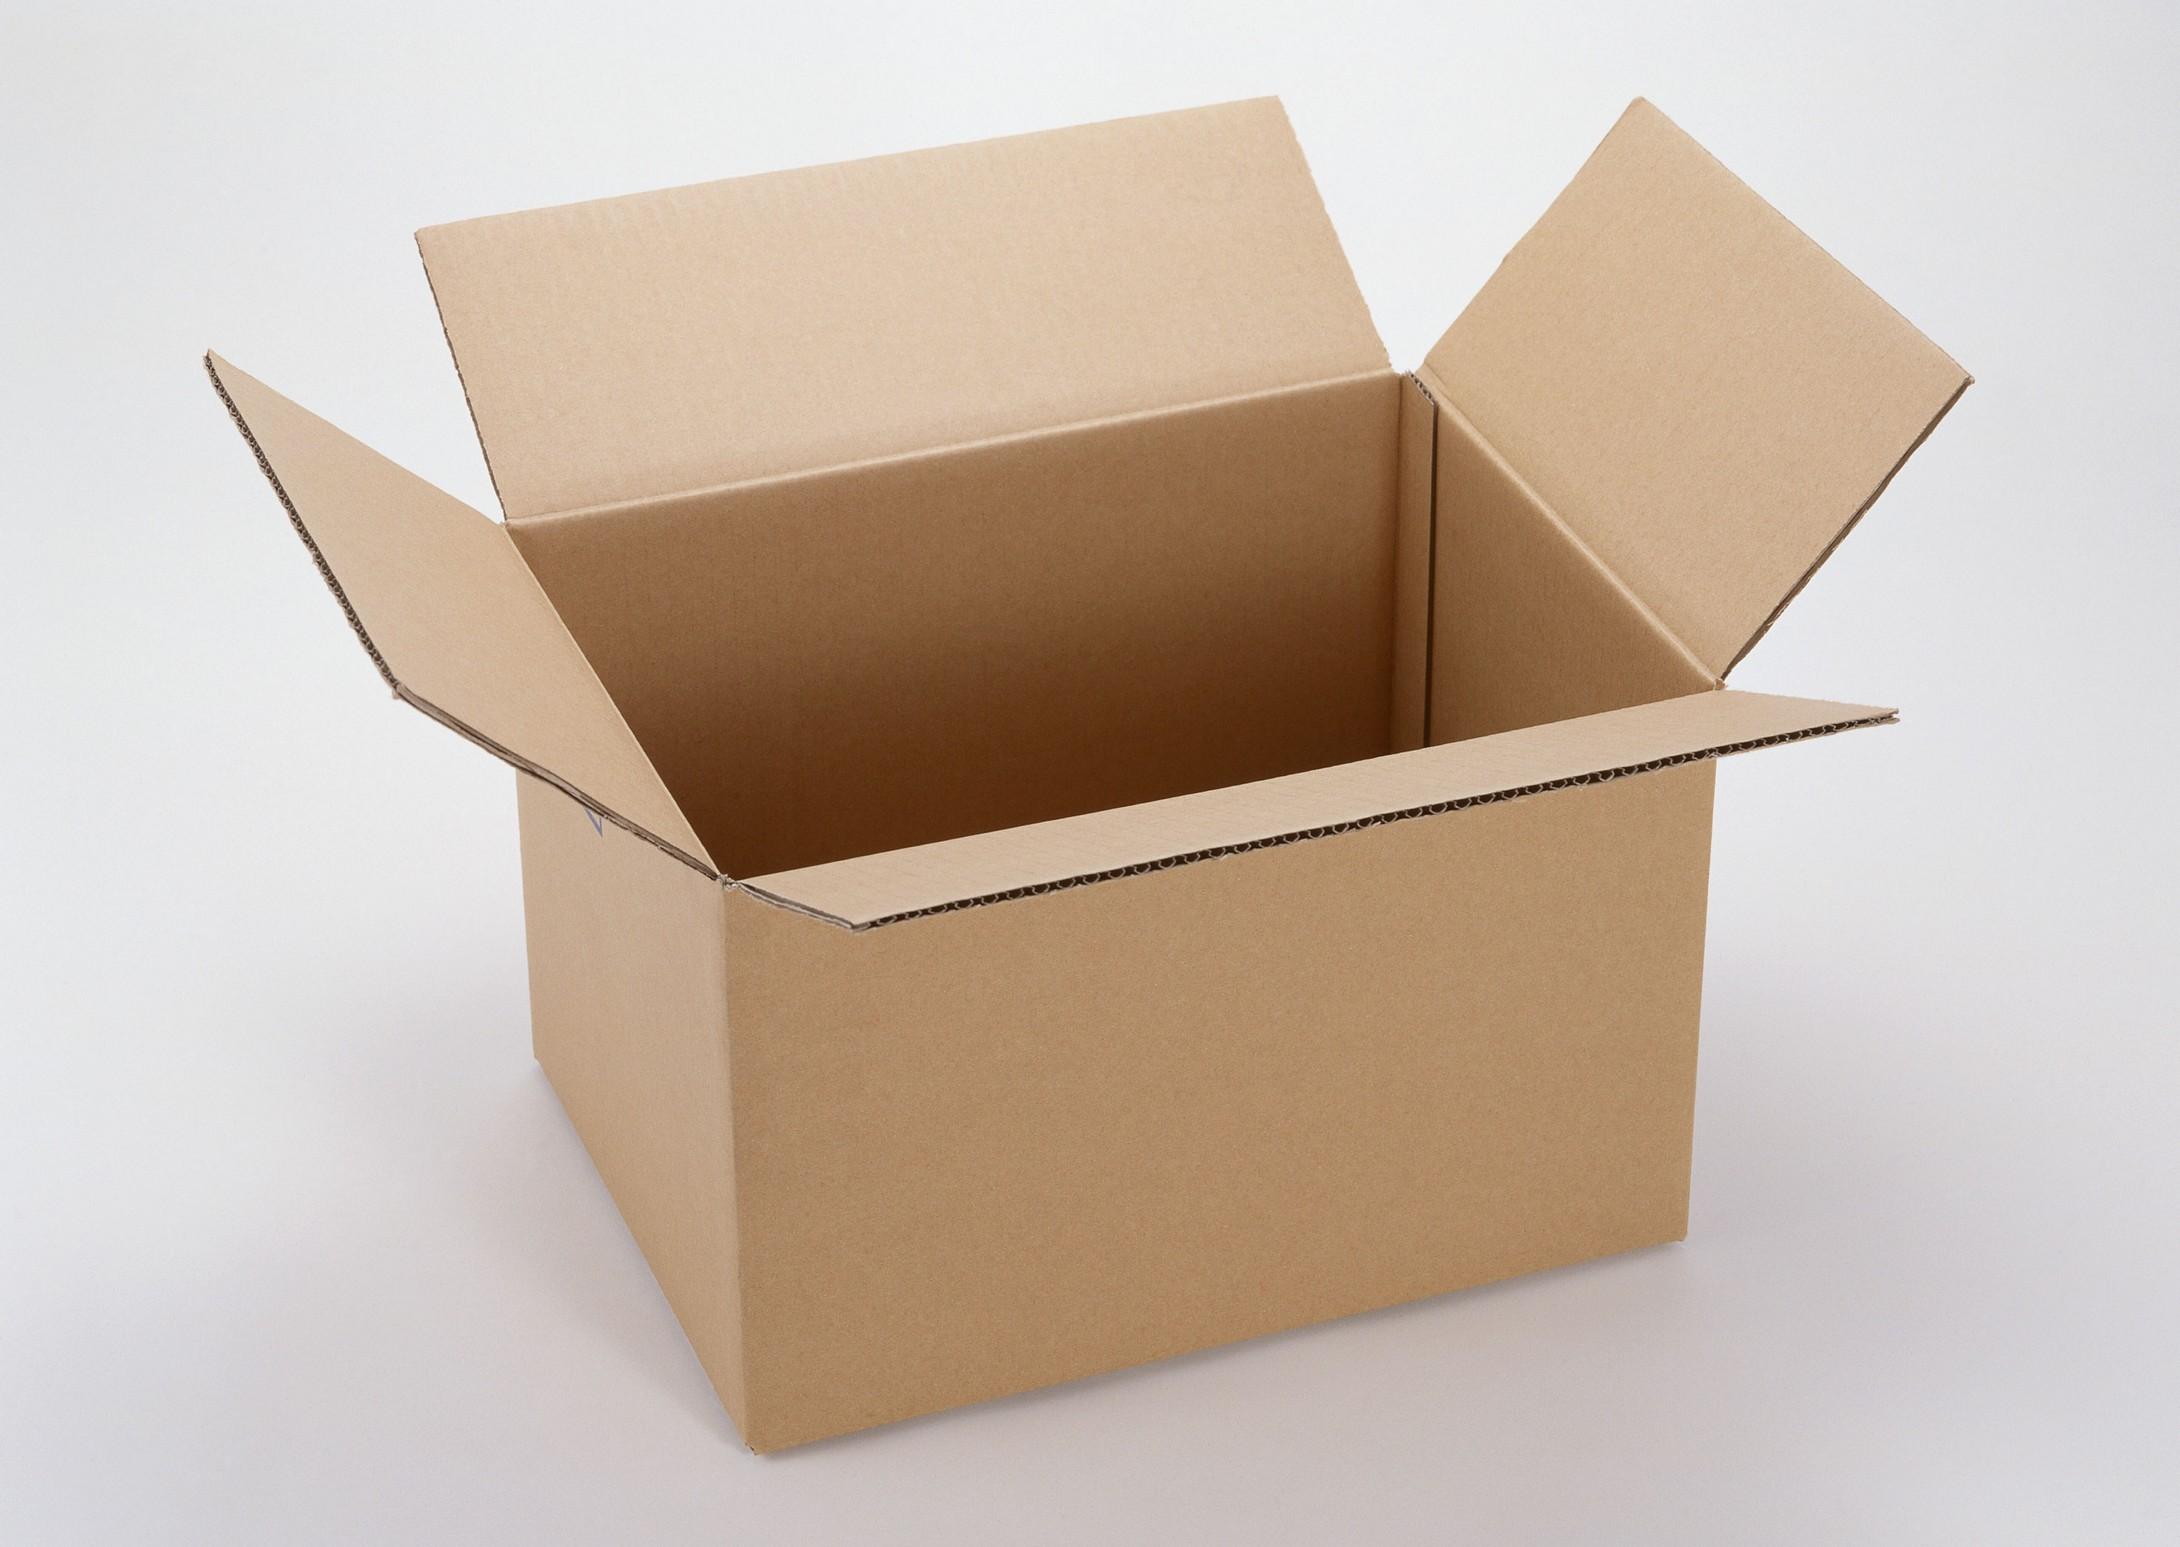 哈尔滨纸箱厂如何选择海绵胶